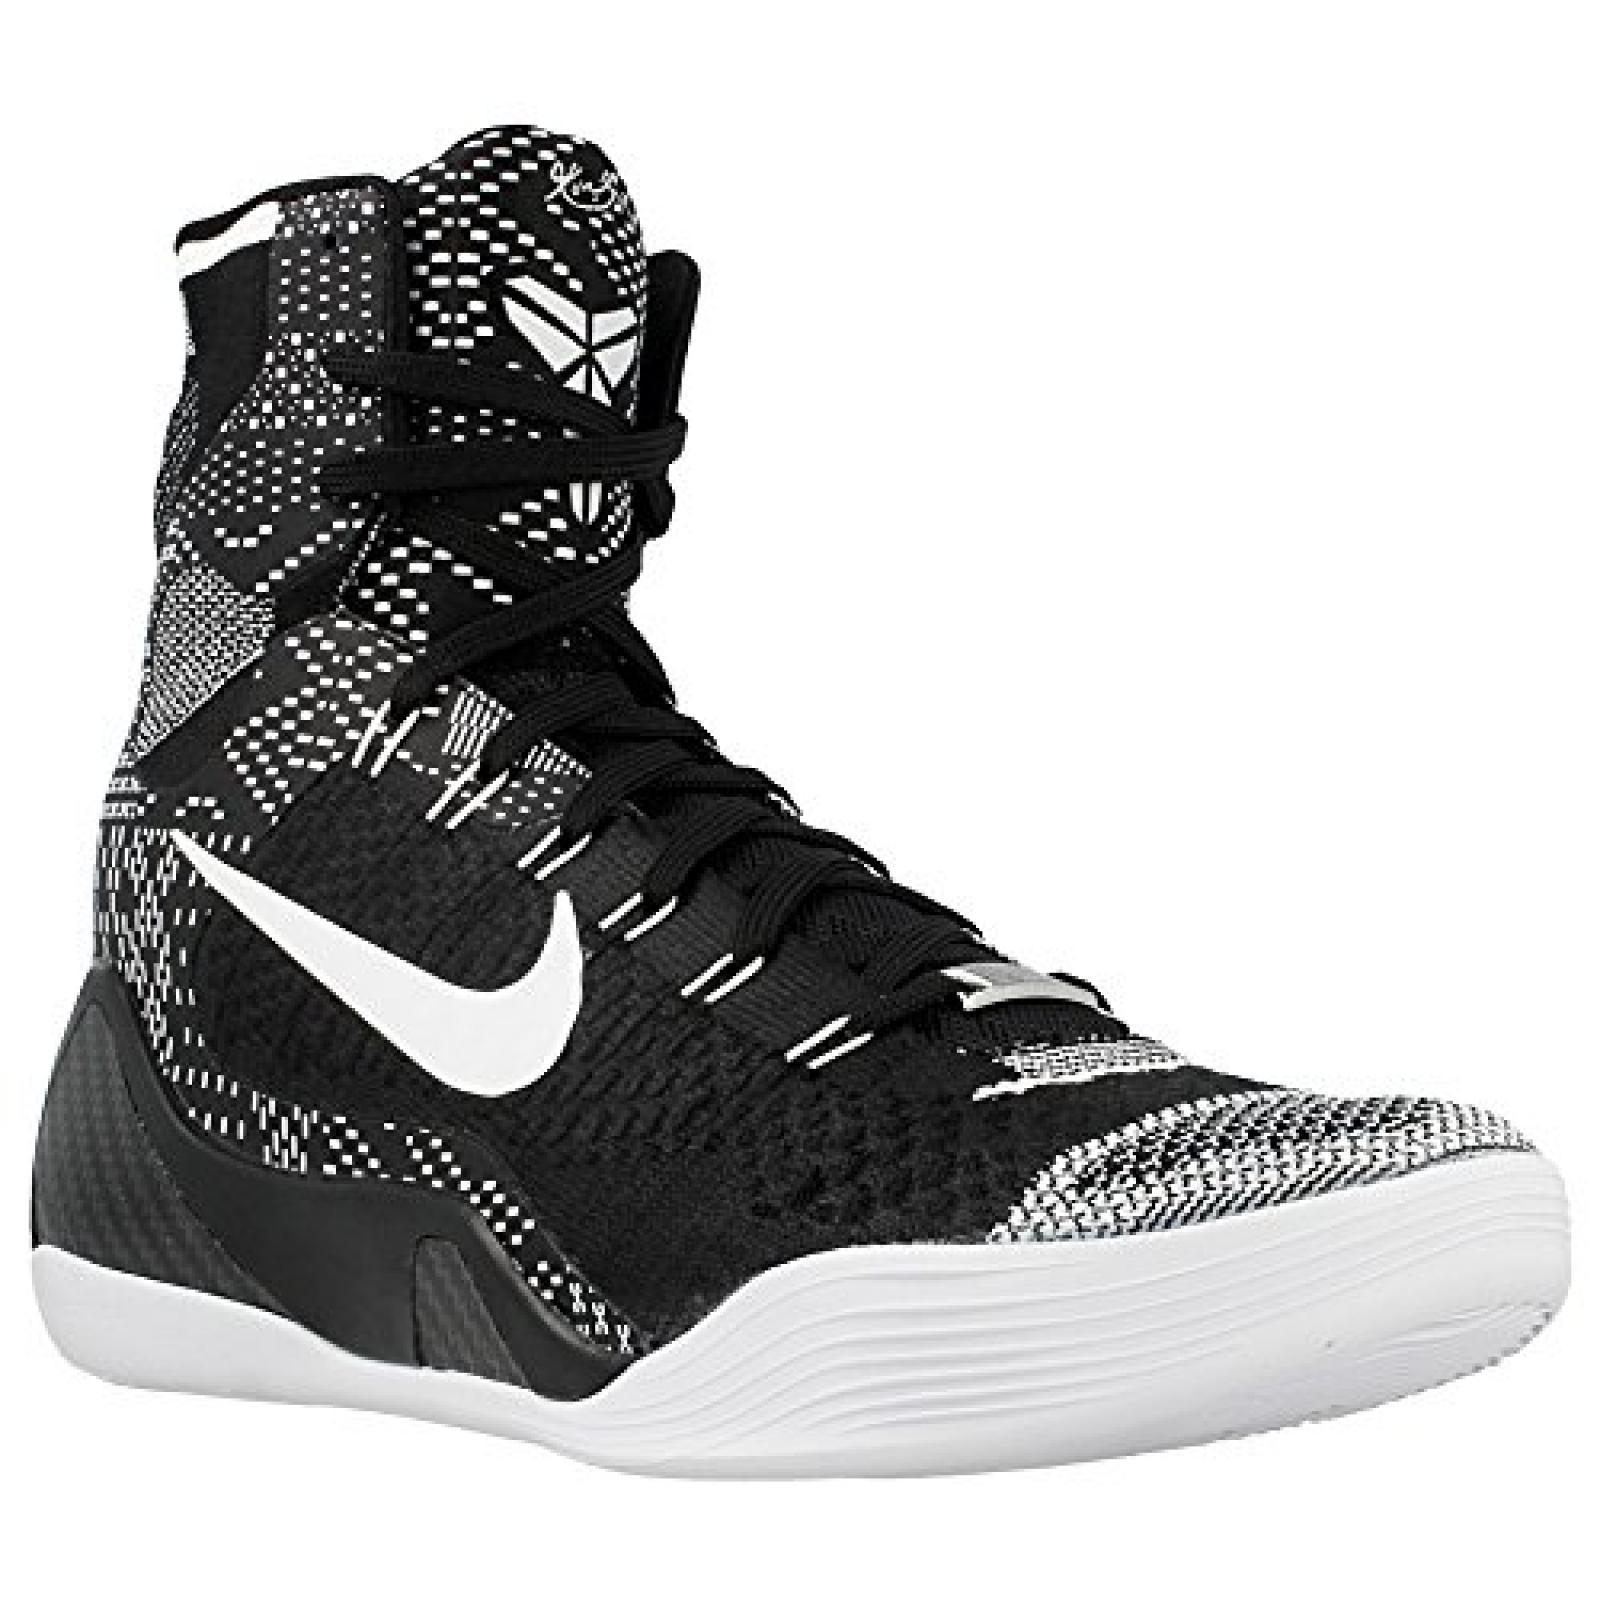 Nike - Kobe IX Elite Bhm